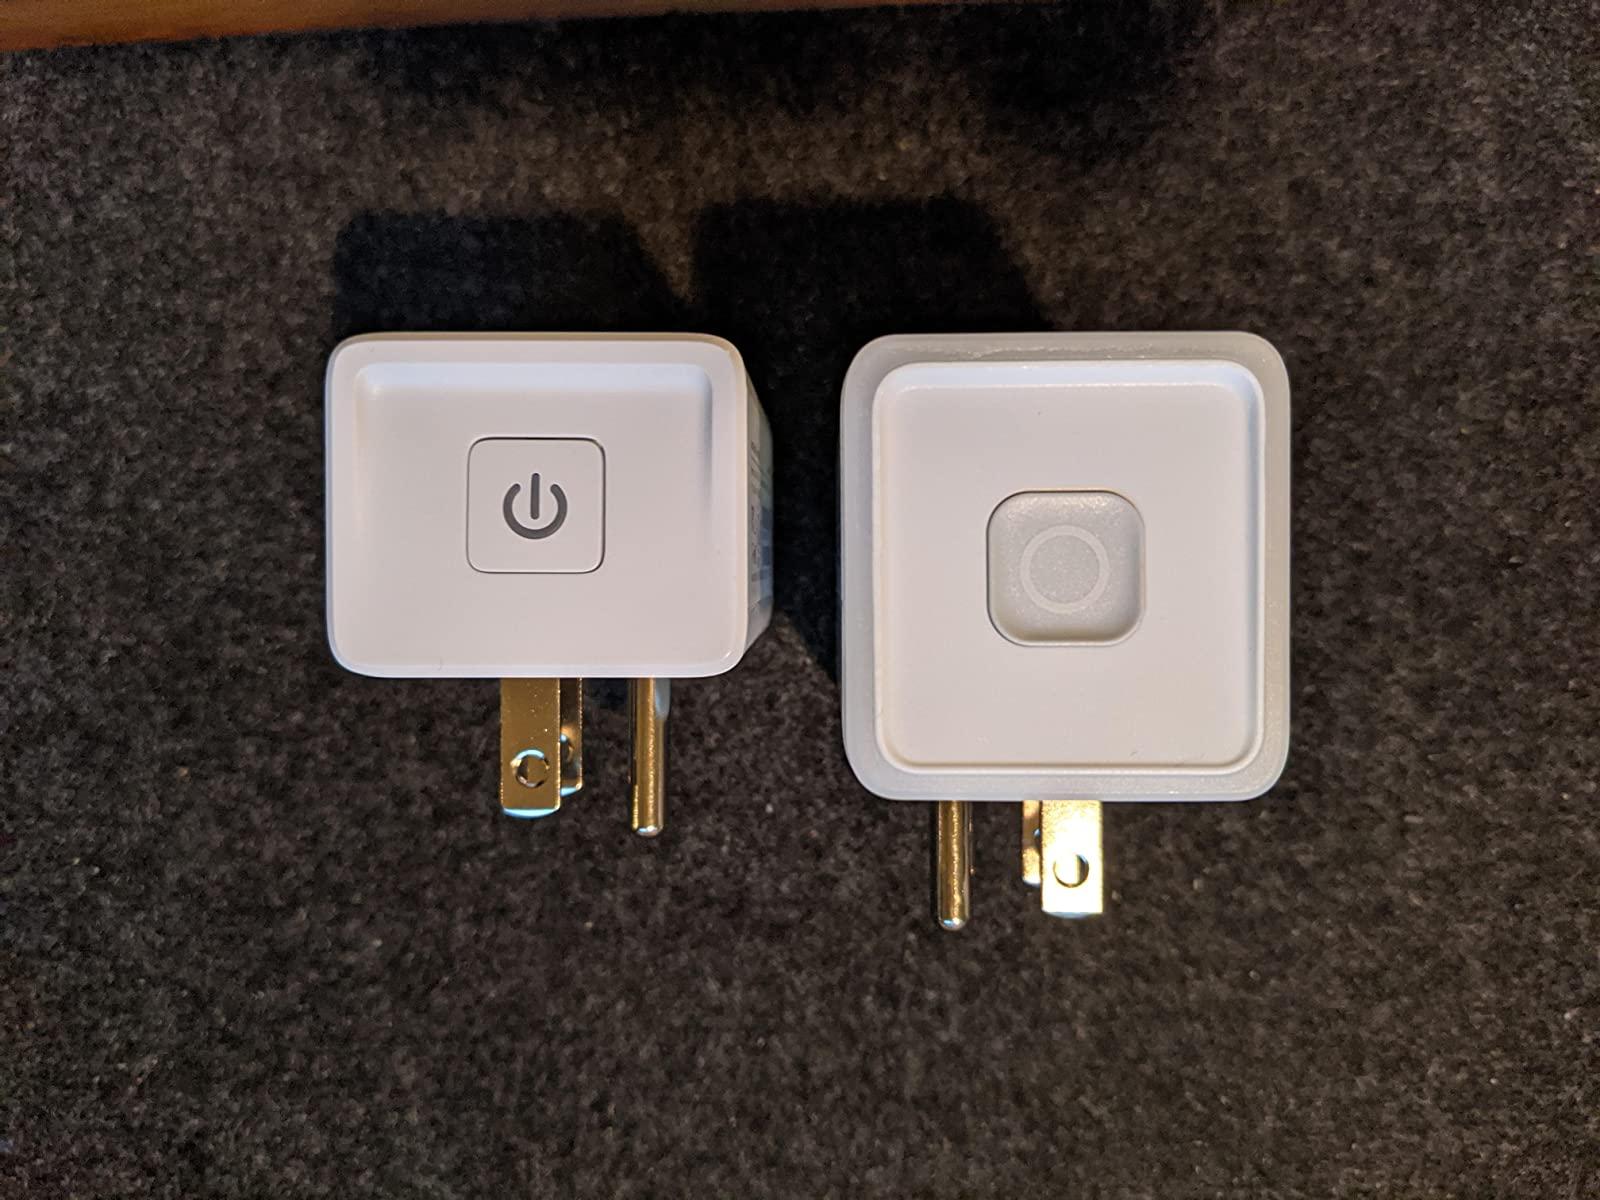 Ổ cắm điện wifi thông minh Tp-Link EP10 vs HS103